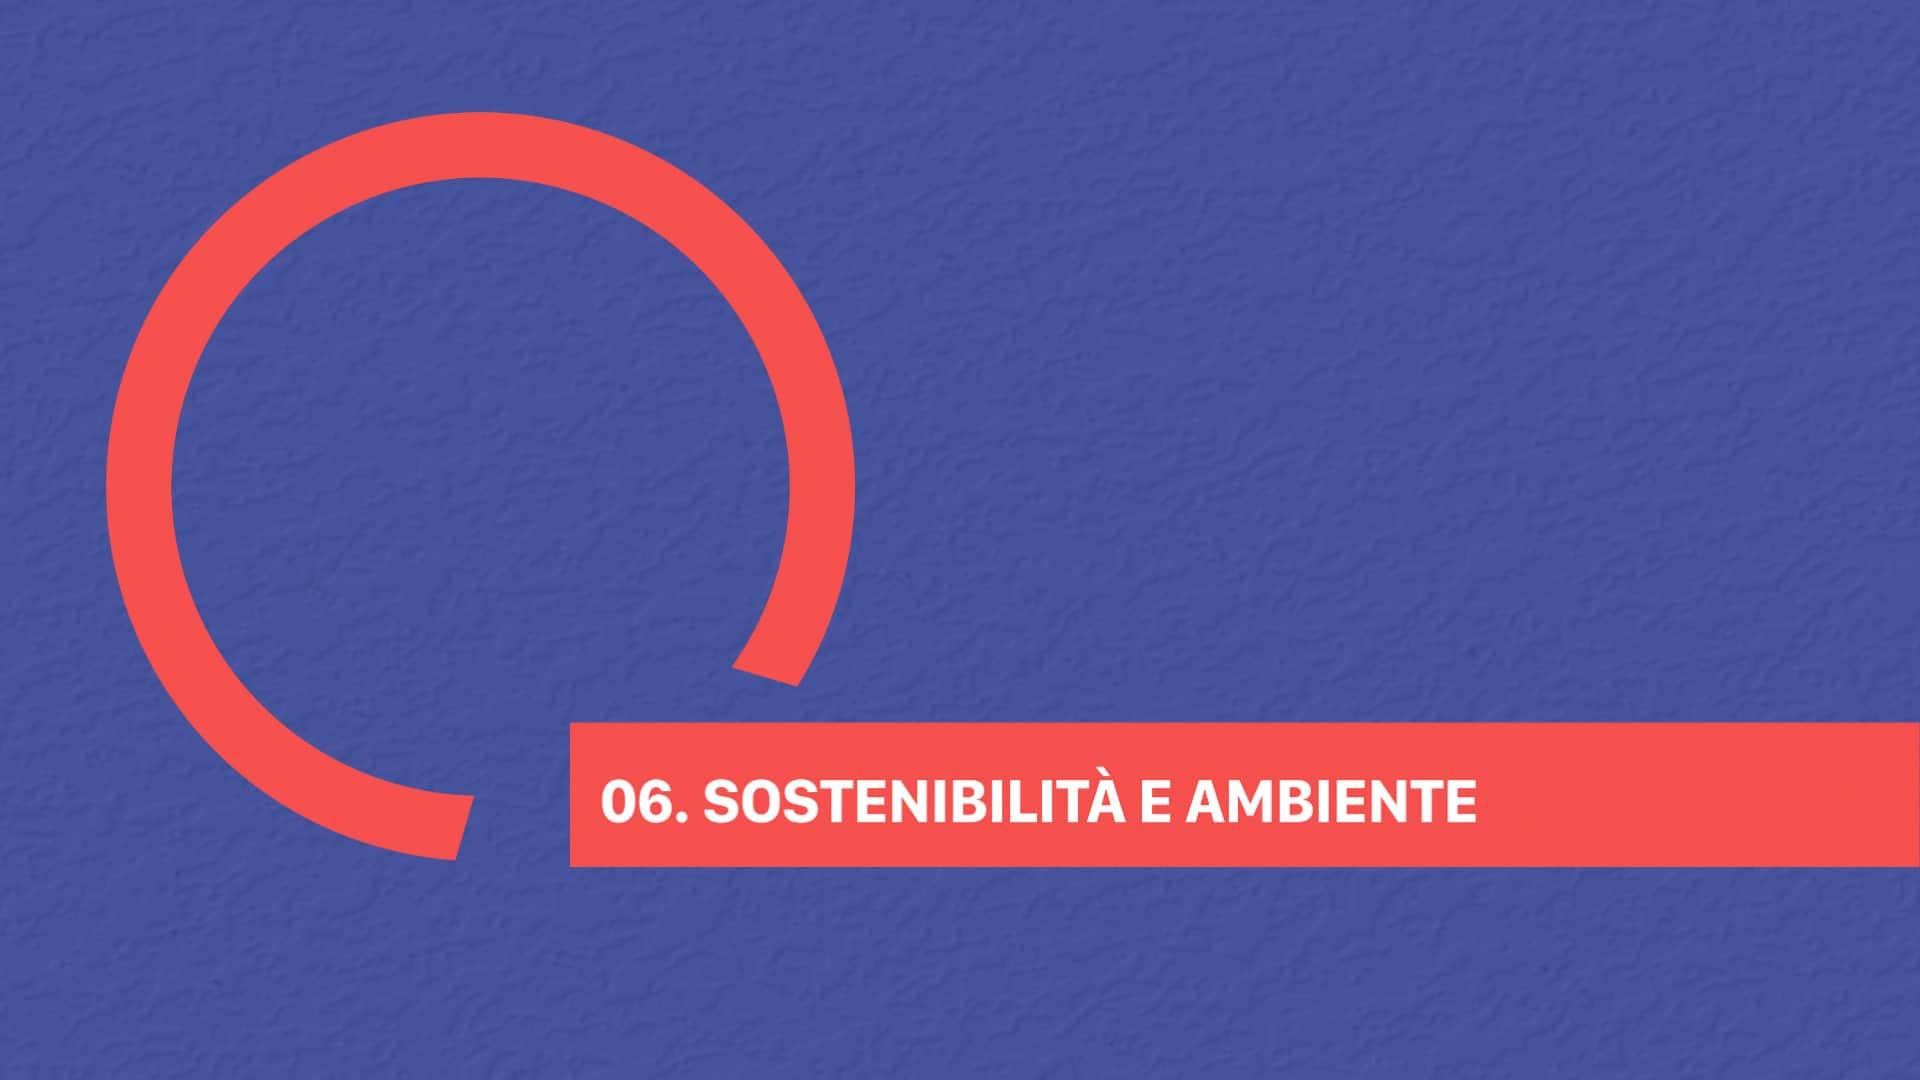 06 SOSTENIBILITÀ E AMBIENTE